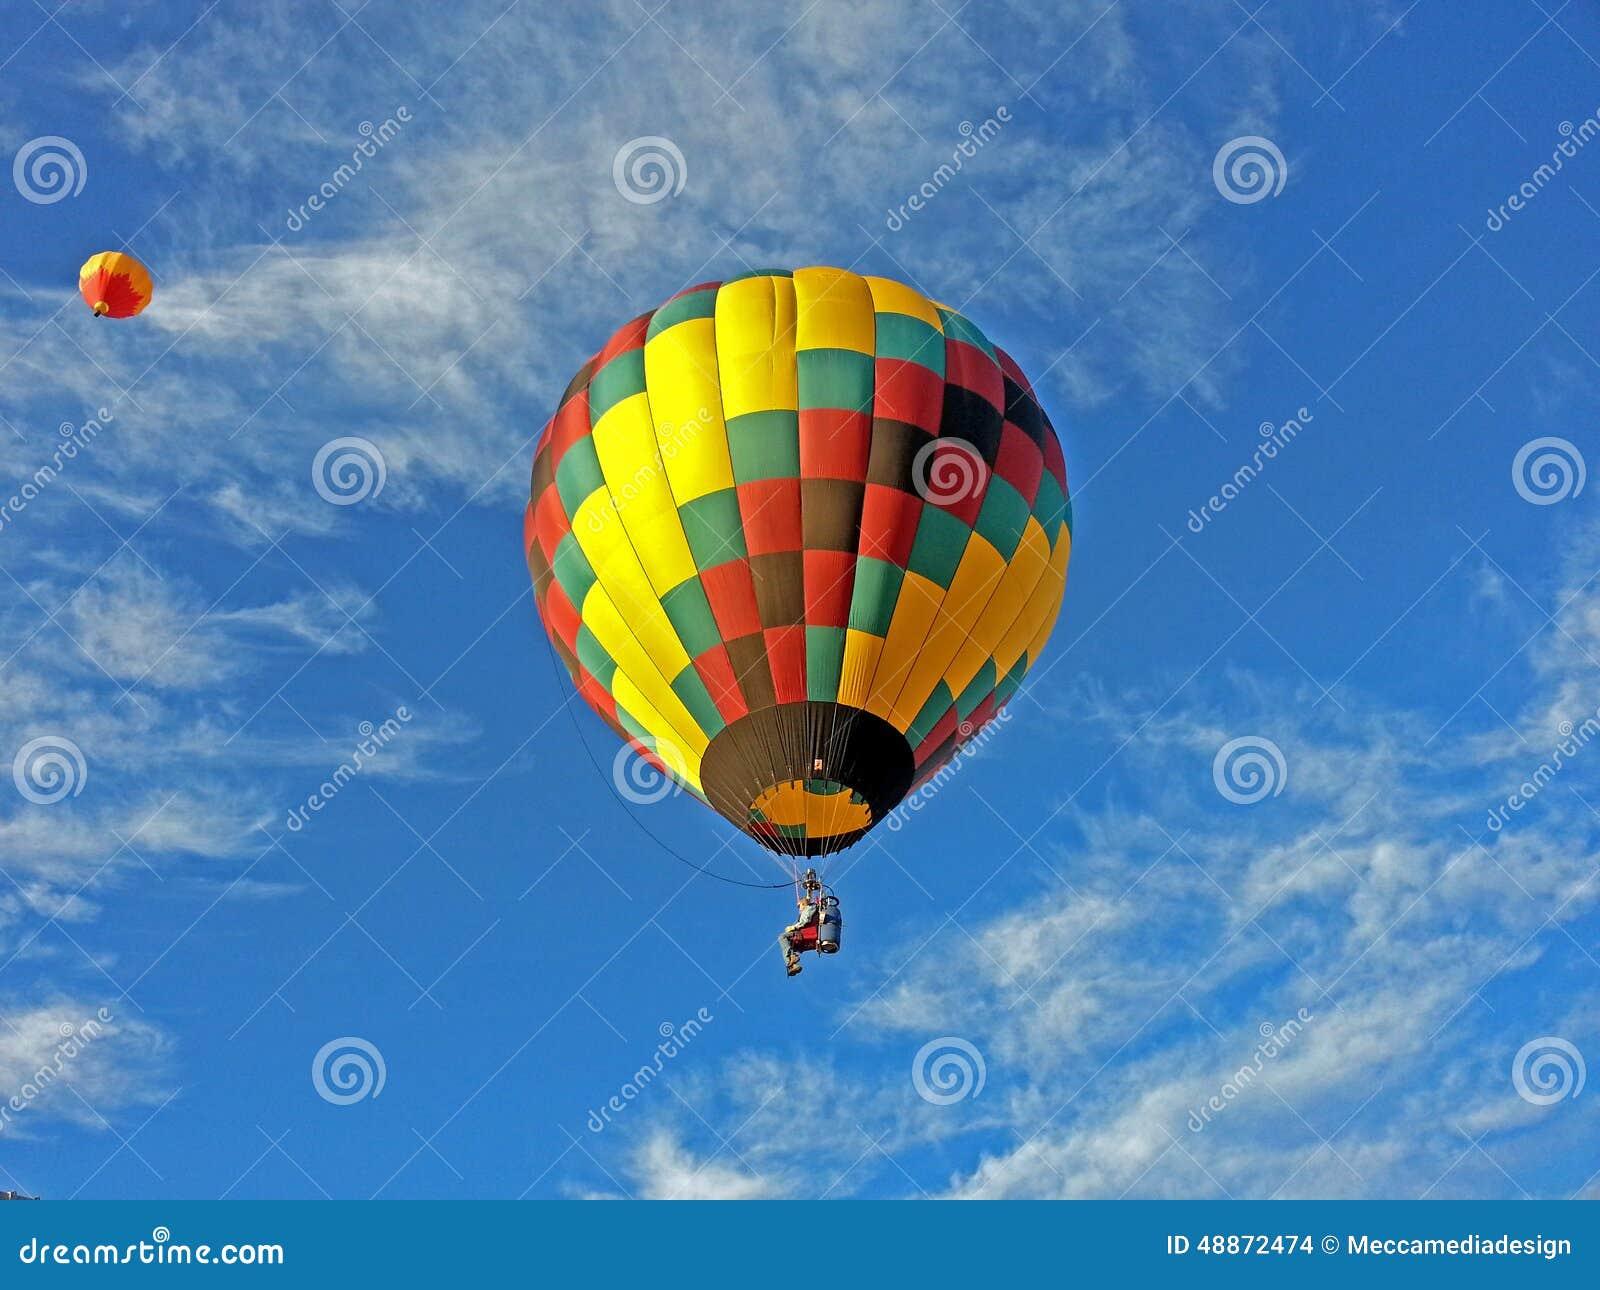 Hot Air Balloon Chair